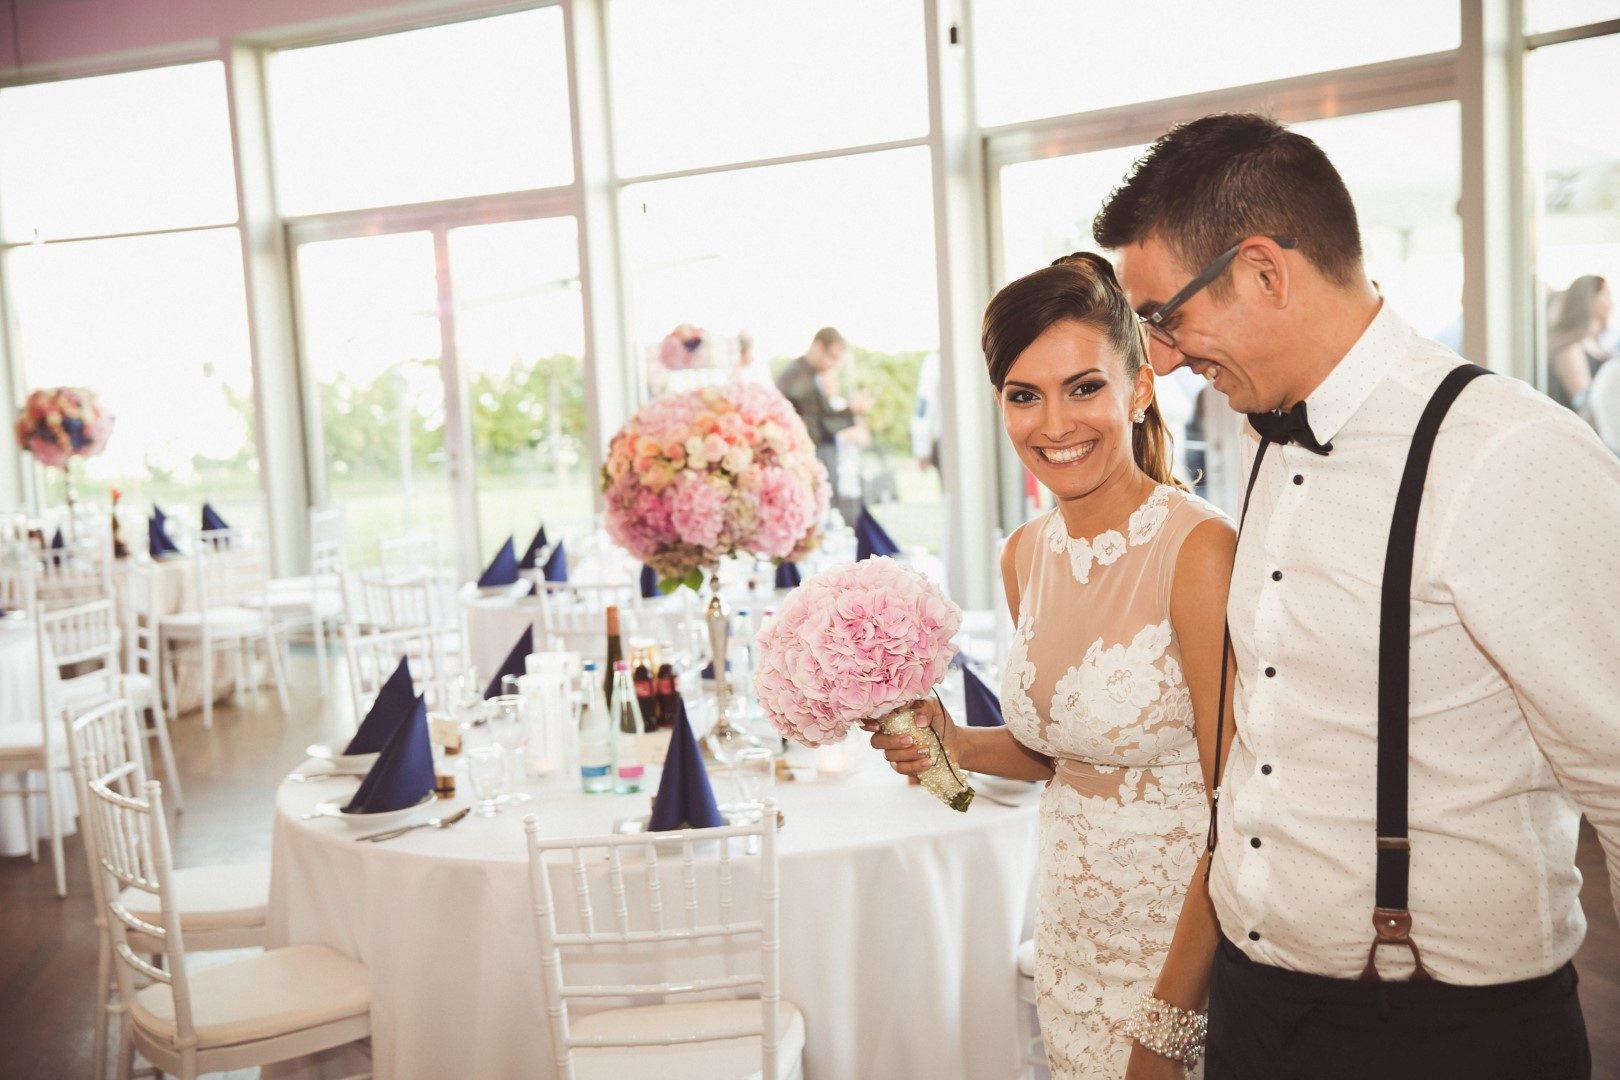 ,esküvő,balatoni esküvő,daalarna ruha,daalarna esküvő,valódi esküvő,balaton,daalarna,esküvői ruha,sellő ruha,